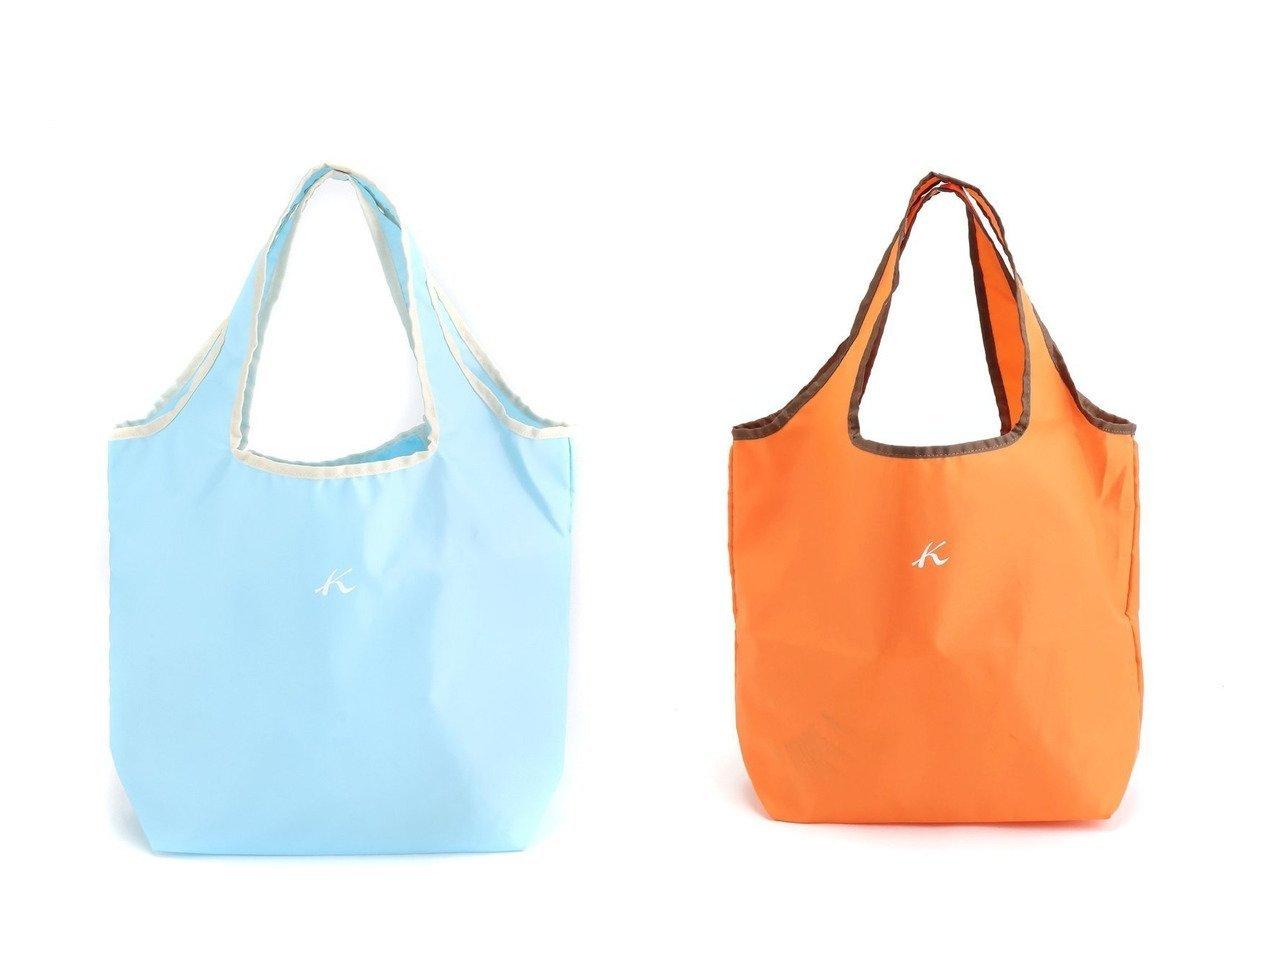 【Kitamura/キタムラ】の折りたたみバッグ RH0564 【バッグ・鞄】おすすめ!人気、トレンド・レディースファッションの通販  | レディースファッション・服の通販 founy(ファニー)